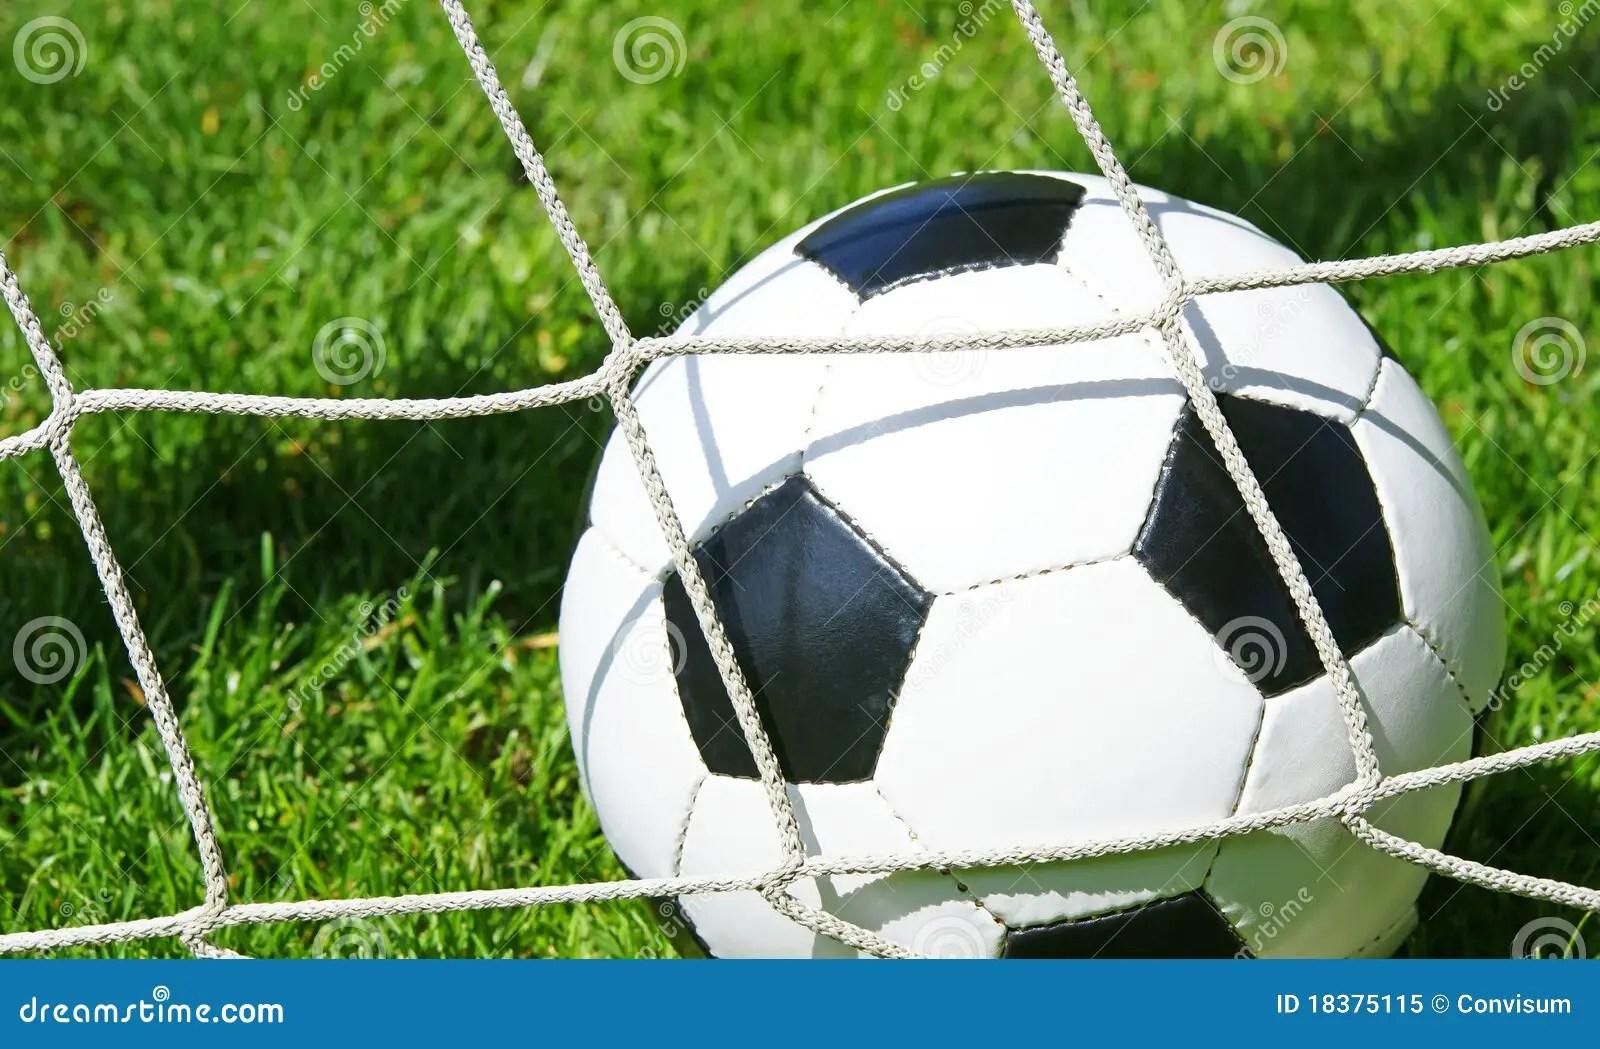 Soccer Ball In Goal Net Stock Image Image Of Grass